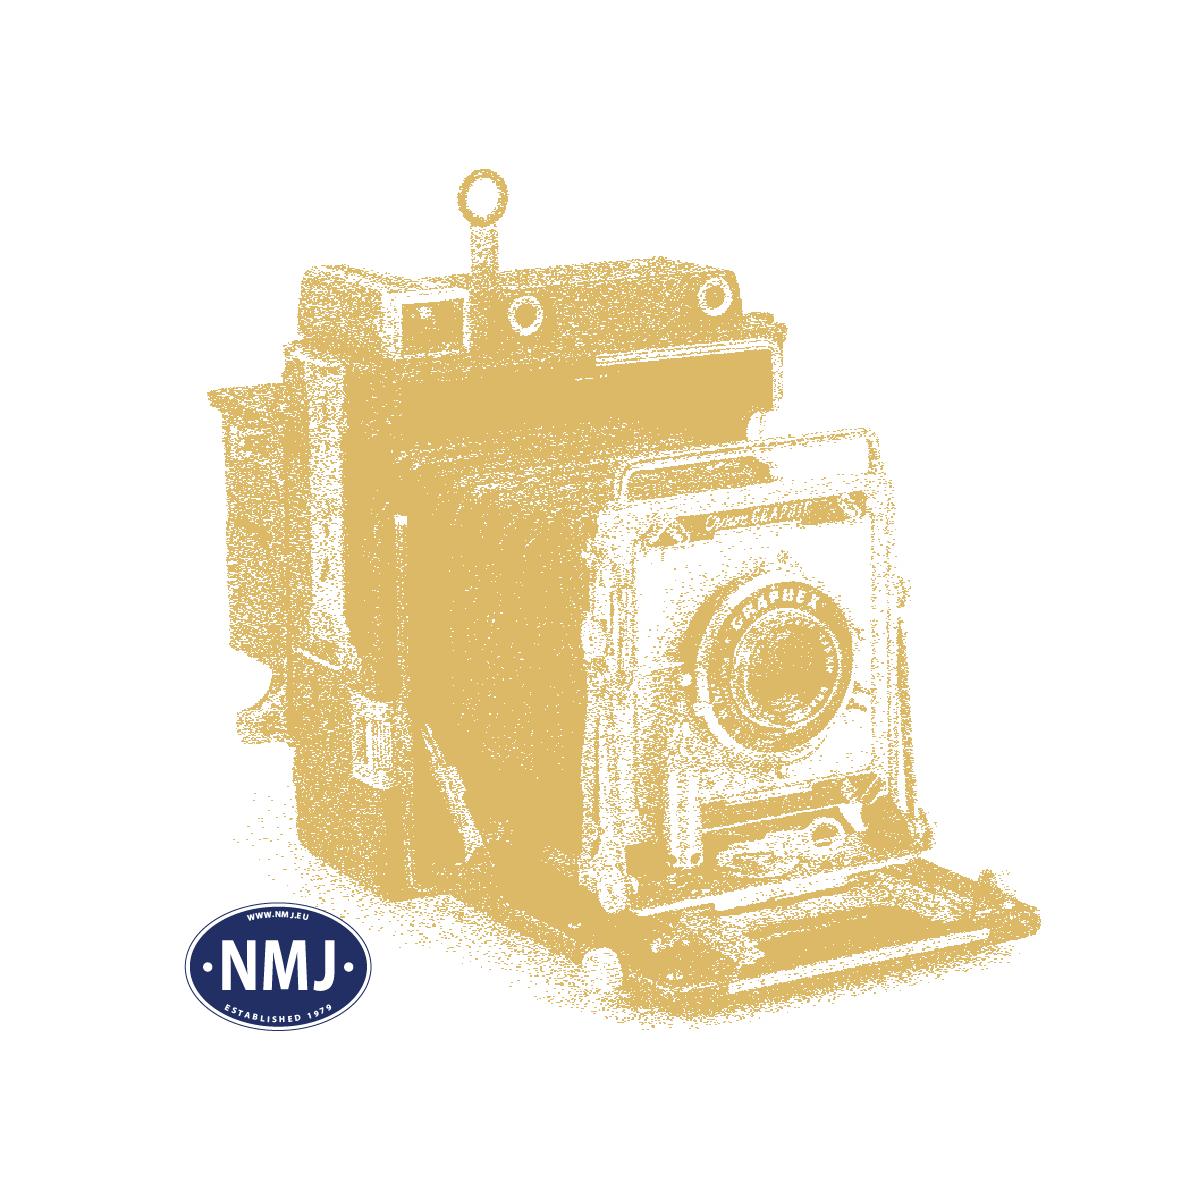 NMJT507.108 - NMJ Topline CargoNet Lgns 42 76 440 4366-8